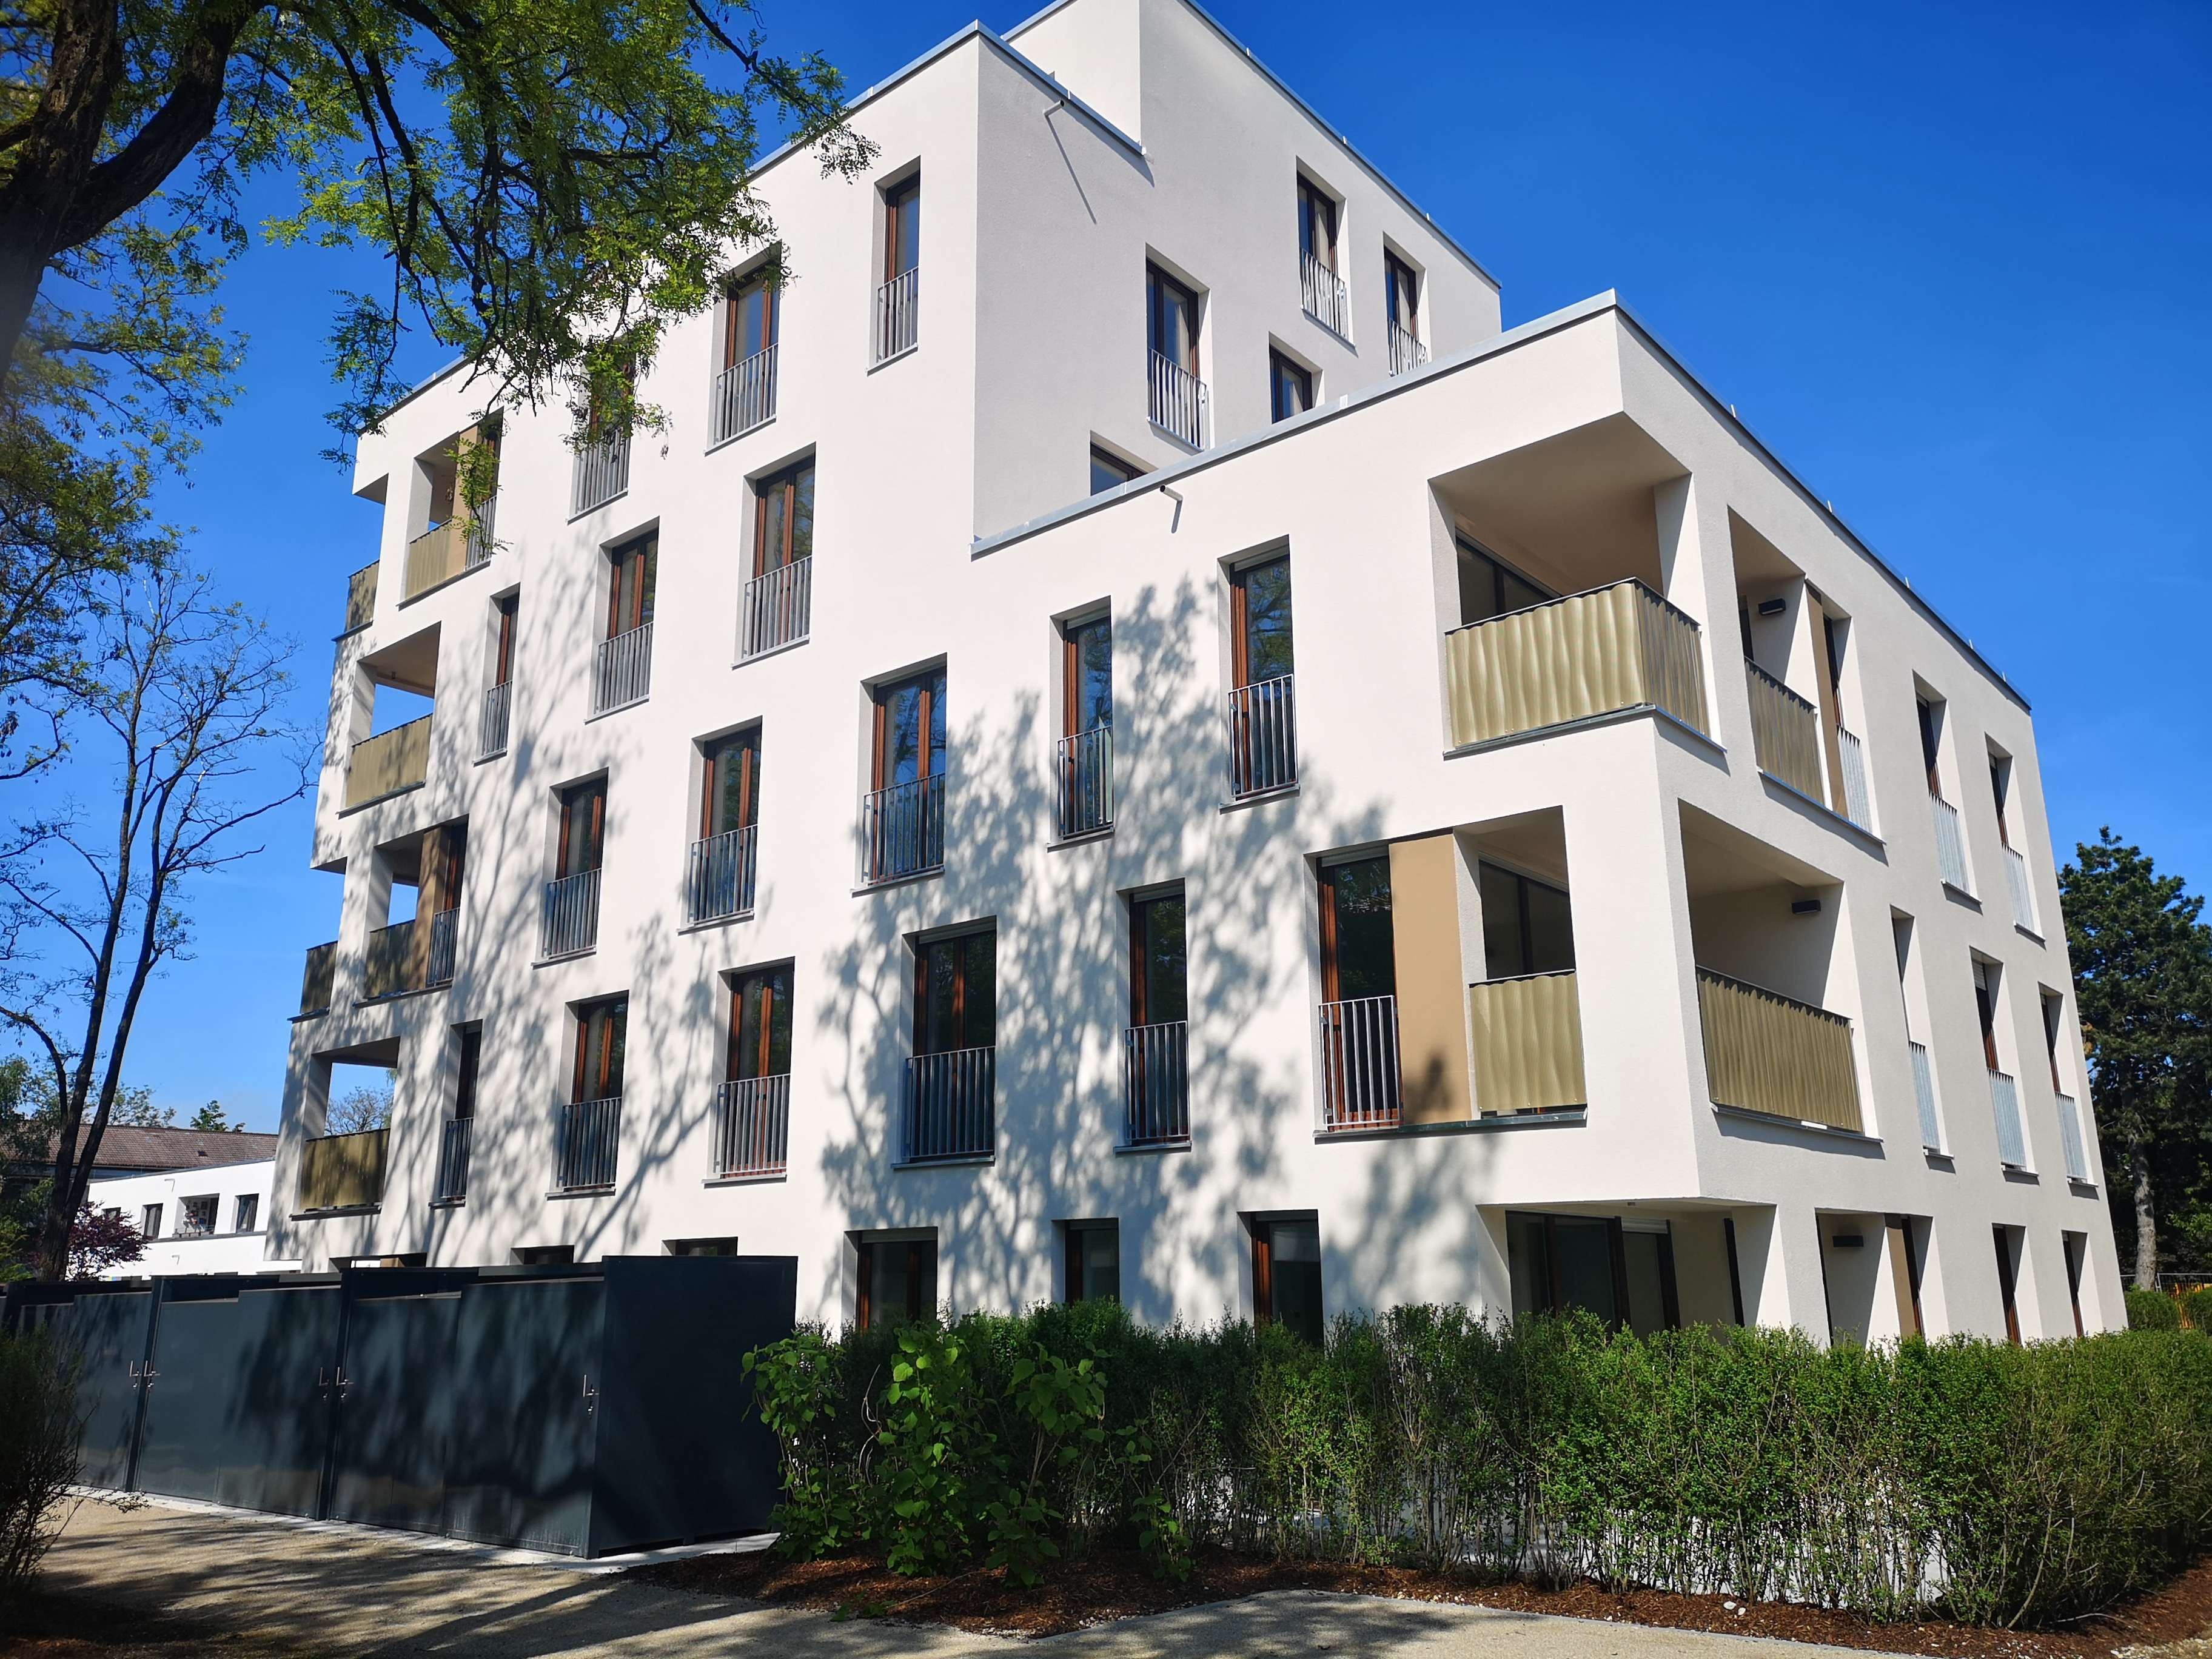 ERSTBEZUG! Gigantische Wohnung mit Dachterrasse  ab September zu vermieten! in Hasenbergl (München)